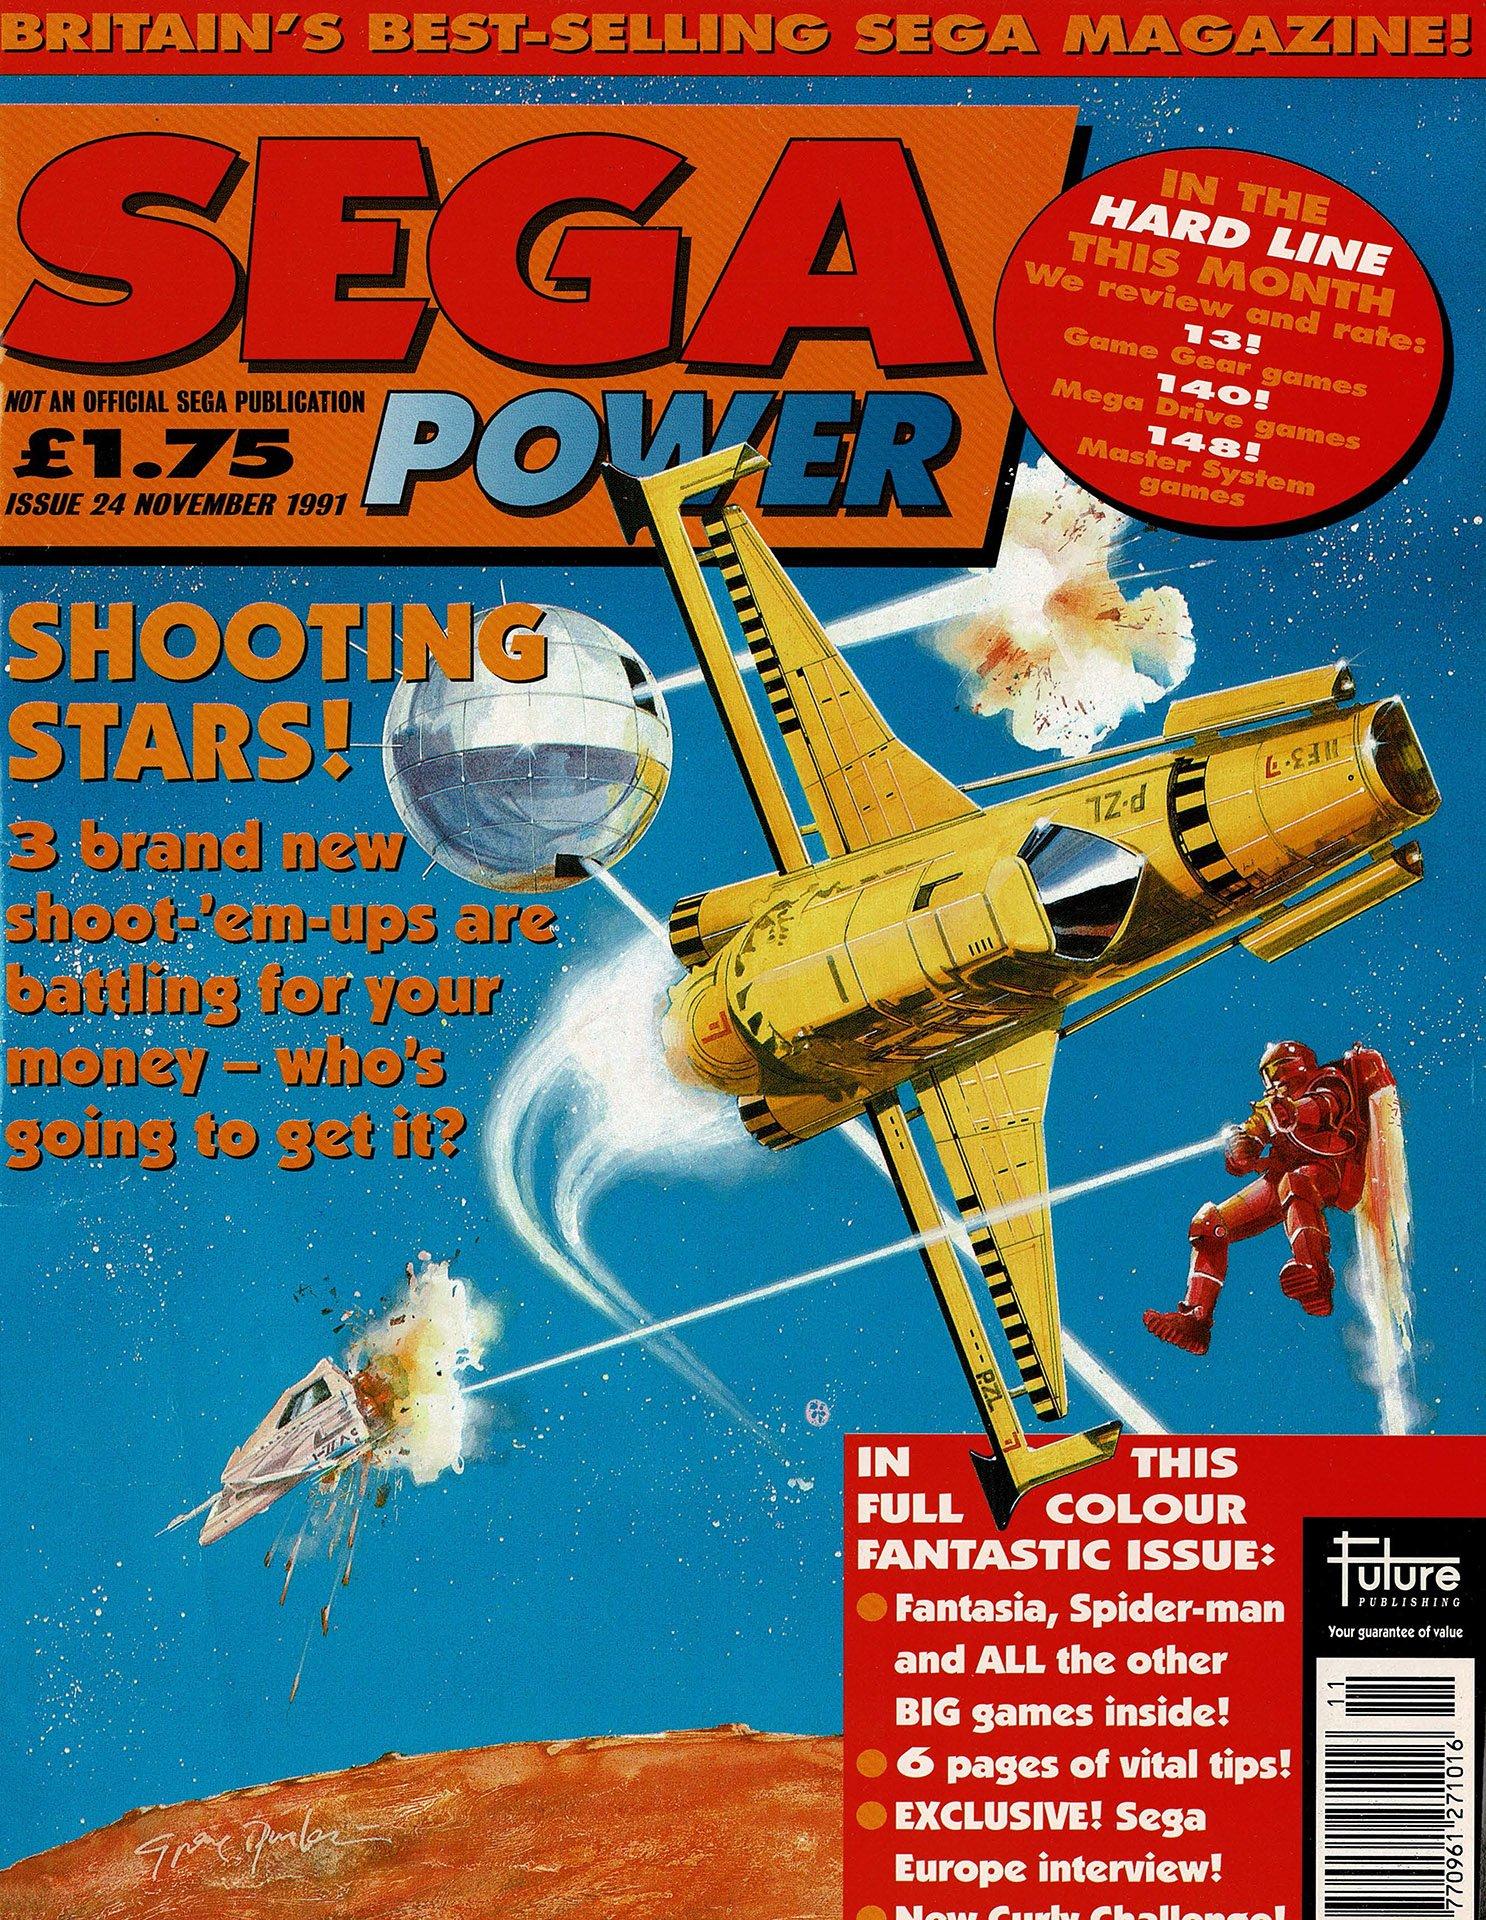 Sega Power Issue 24 (November 1991)